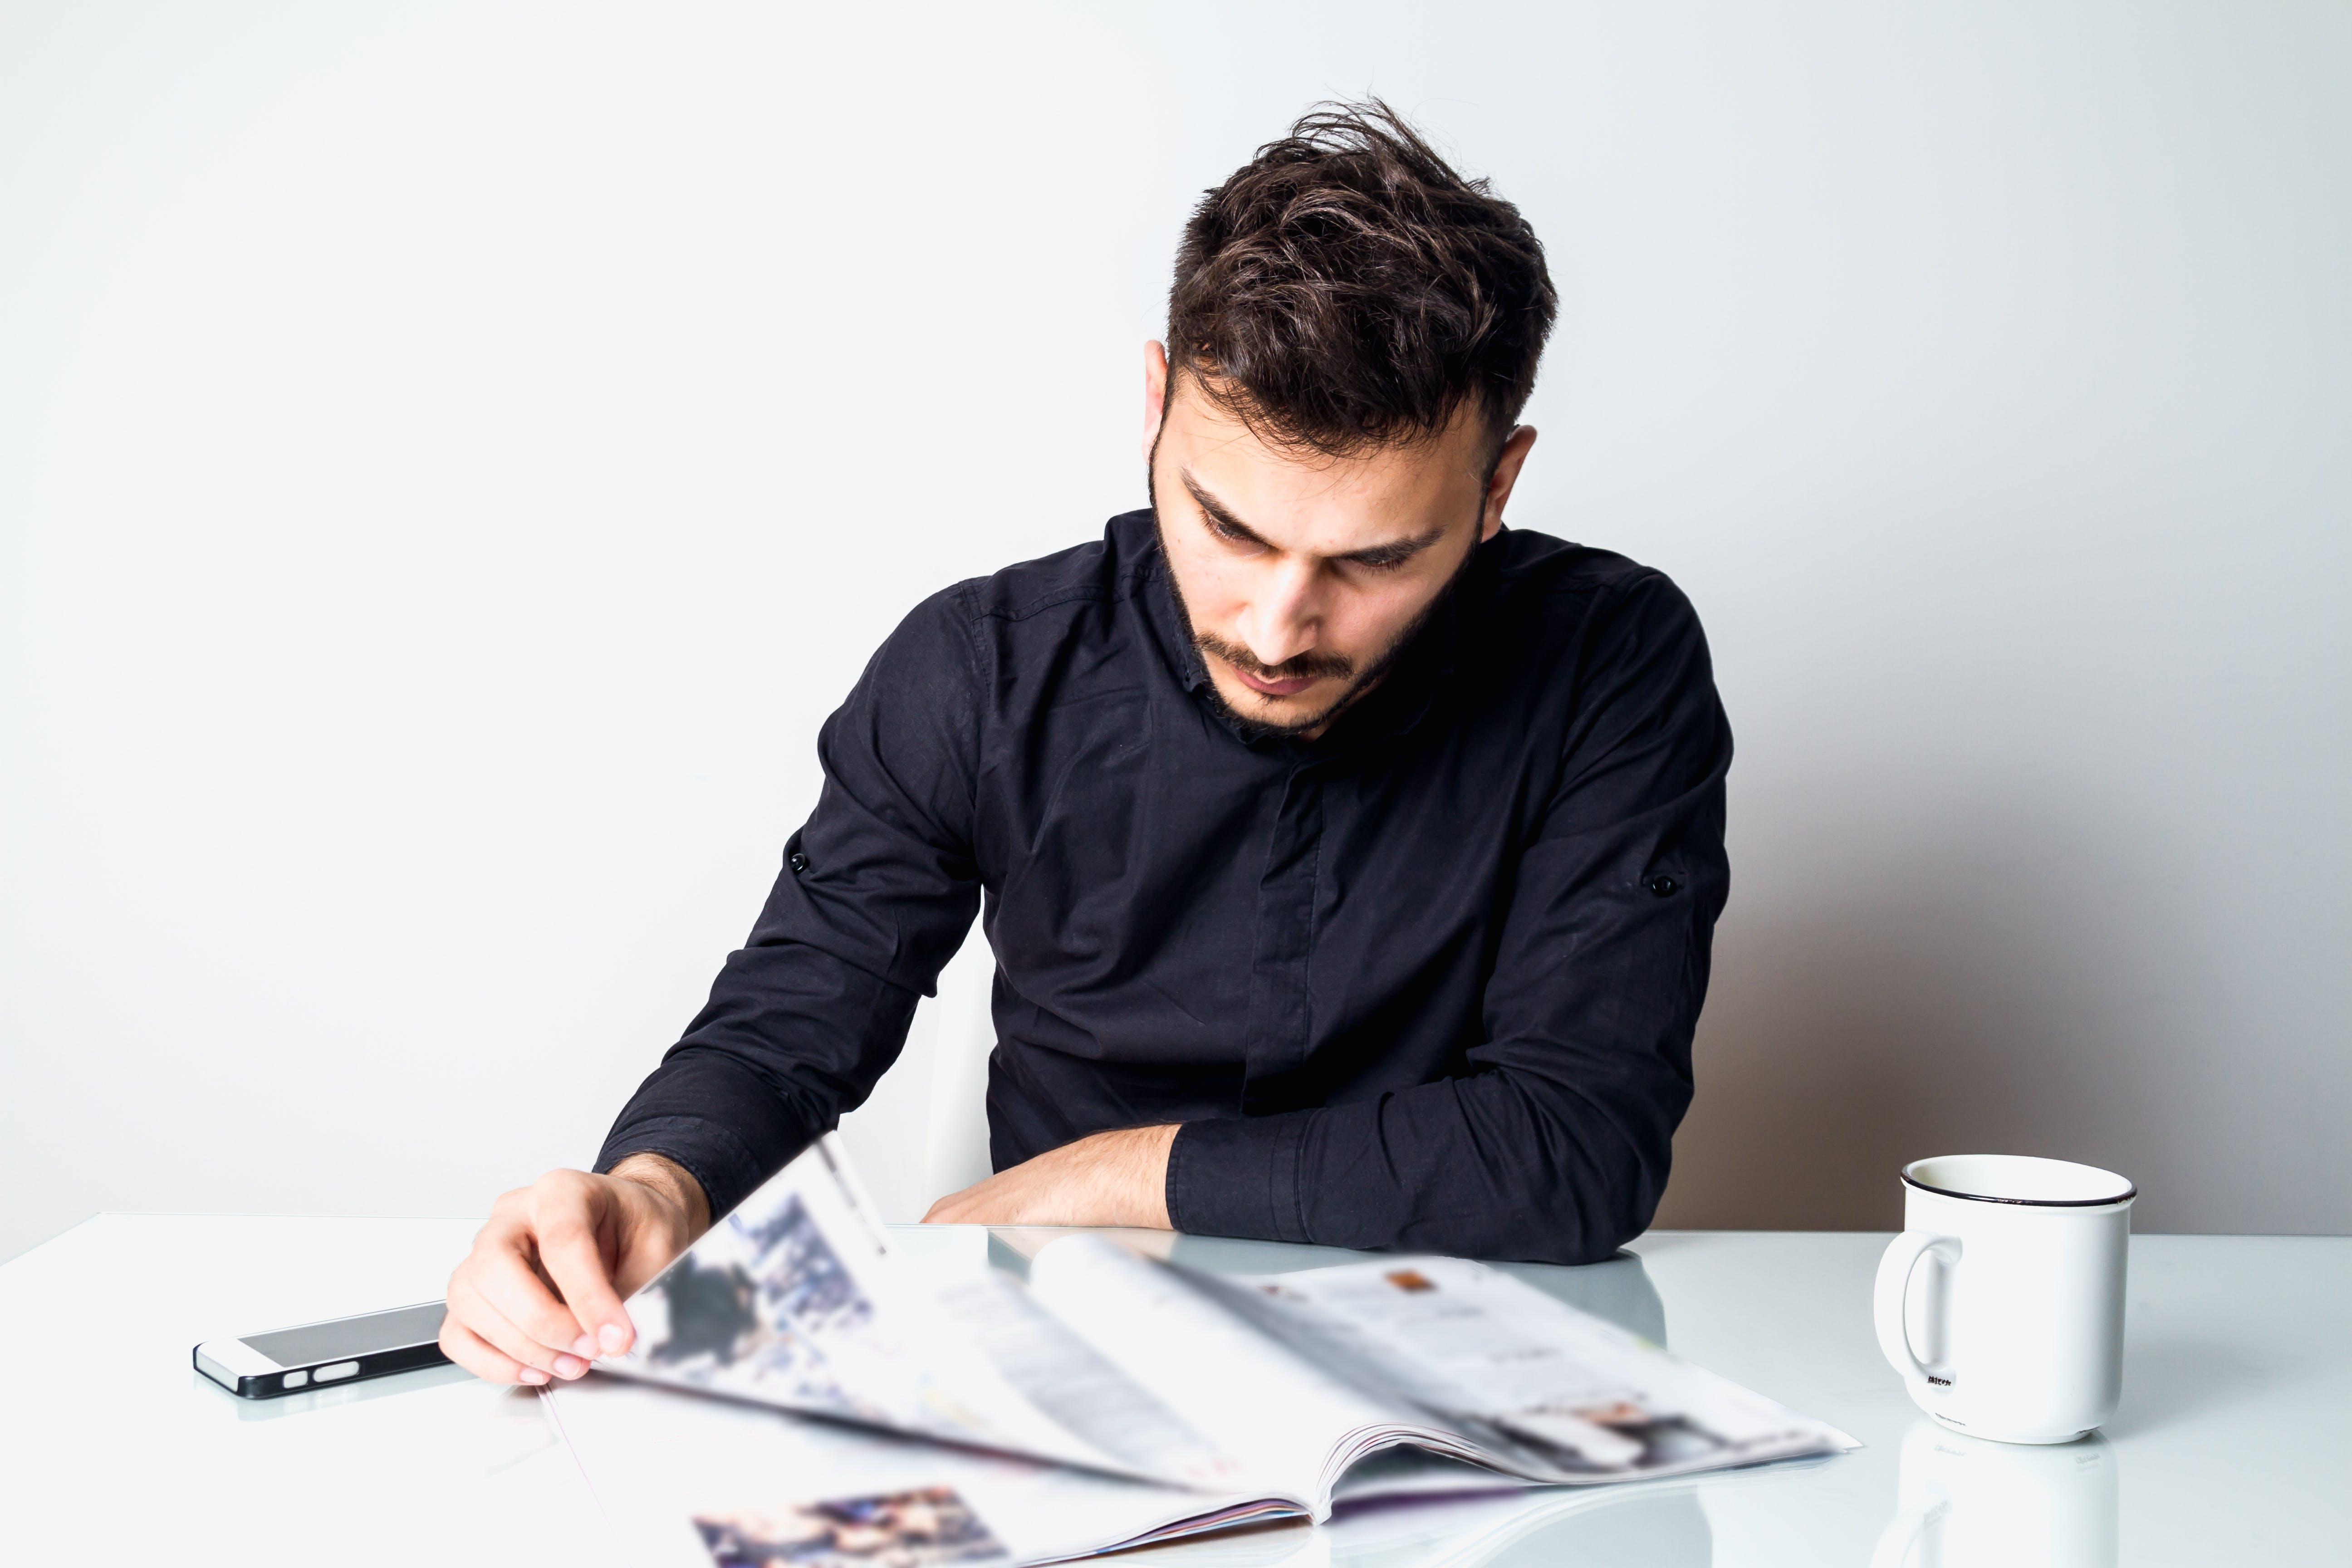 Δωρεάν στοκ φωτογραφιών με ανάγνωση, άνδρας, άνθρωπος, αρσενικός